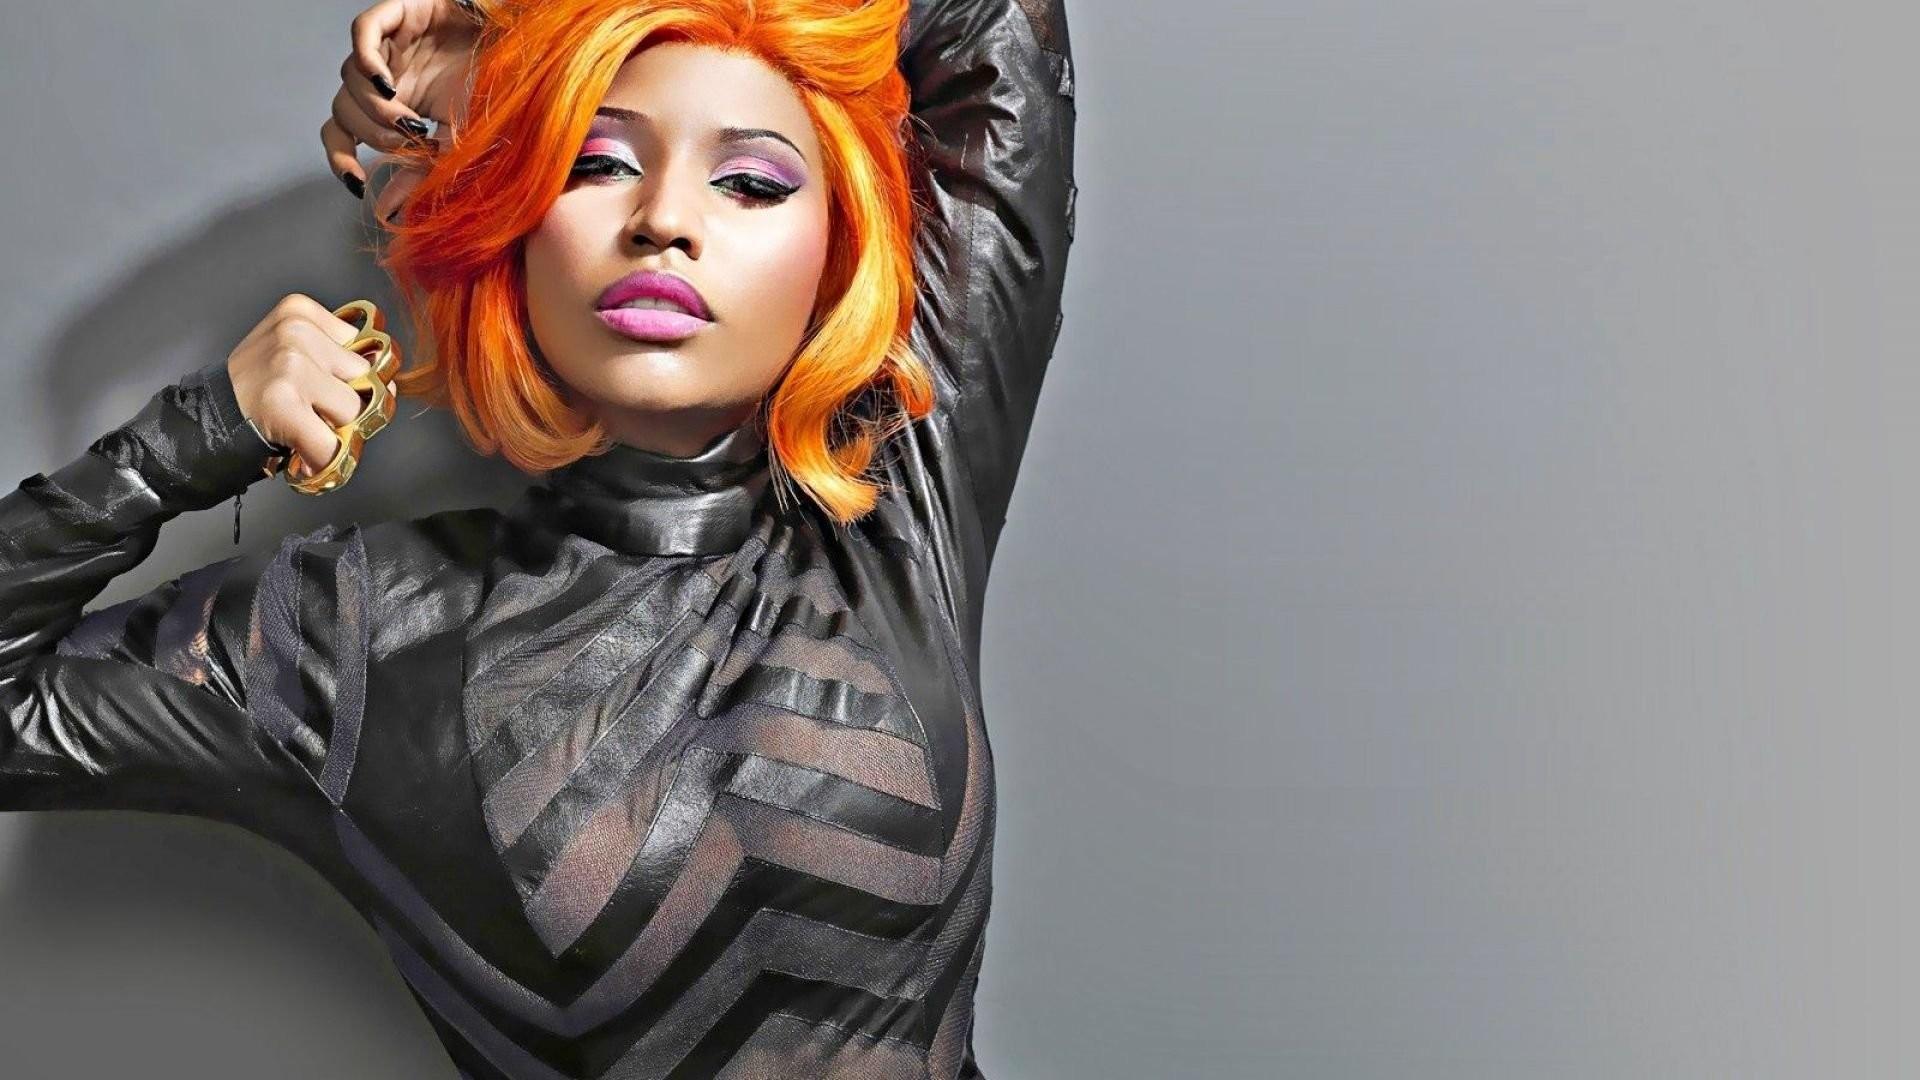 Res: 1920x1080, Musik - Nicki Minaj Wallpaper